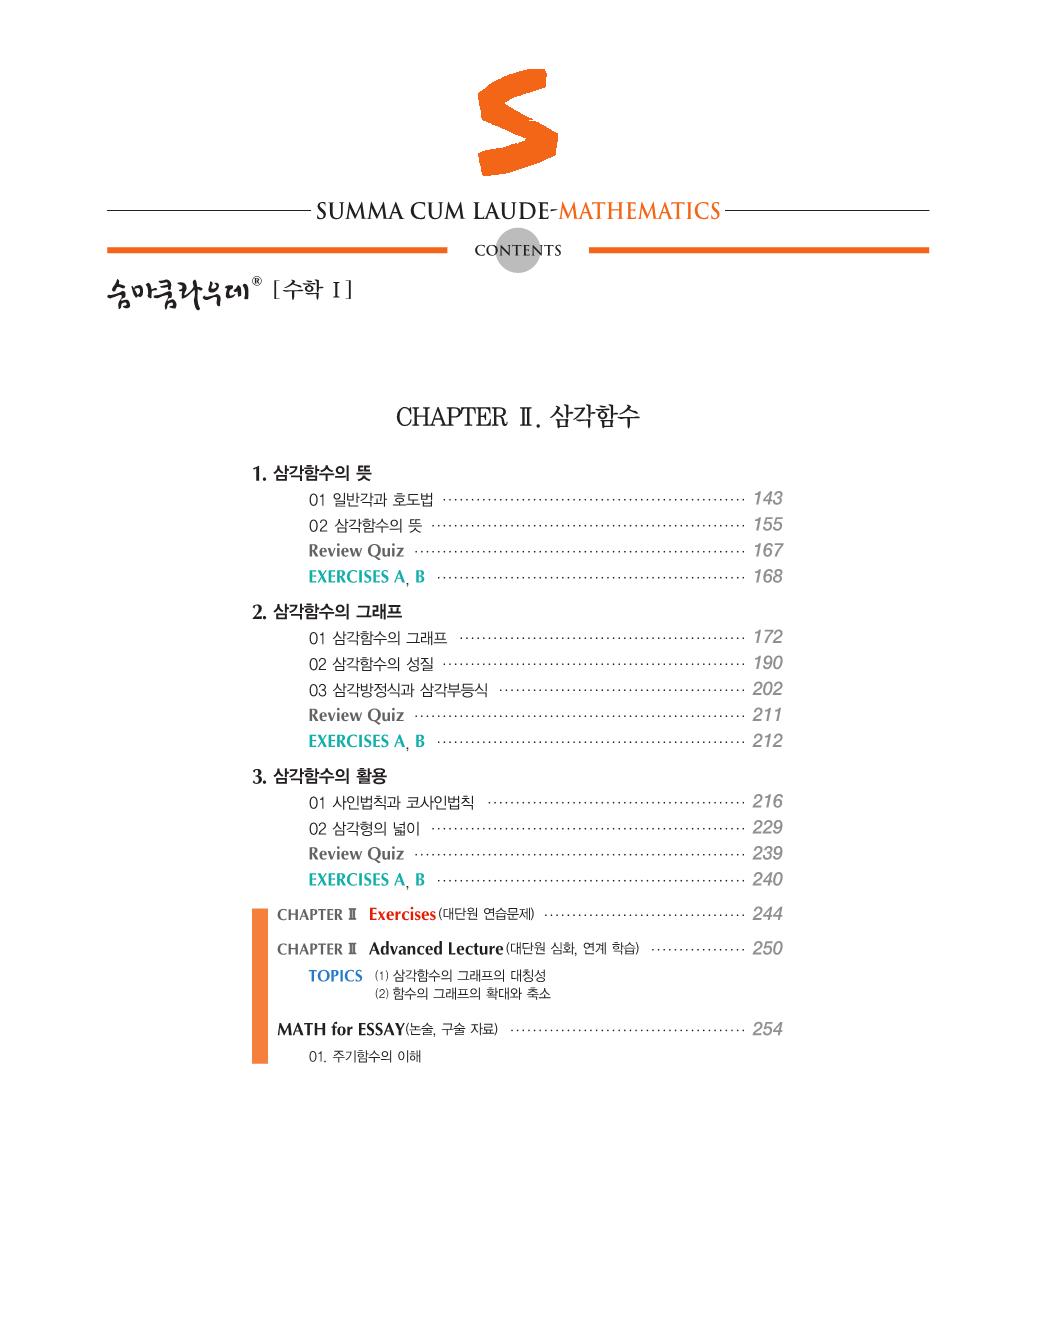 미리보기_숨마쿰라우데_개념기본서_수학18.png